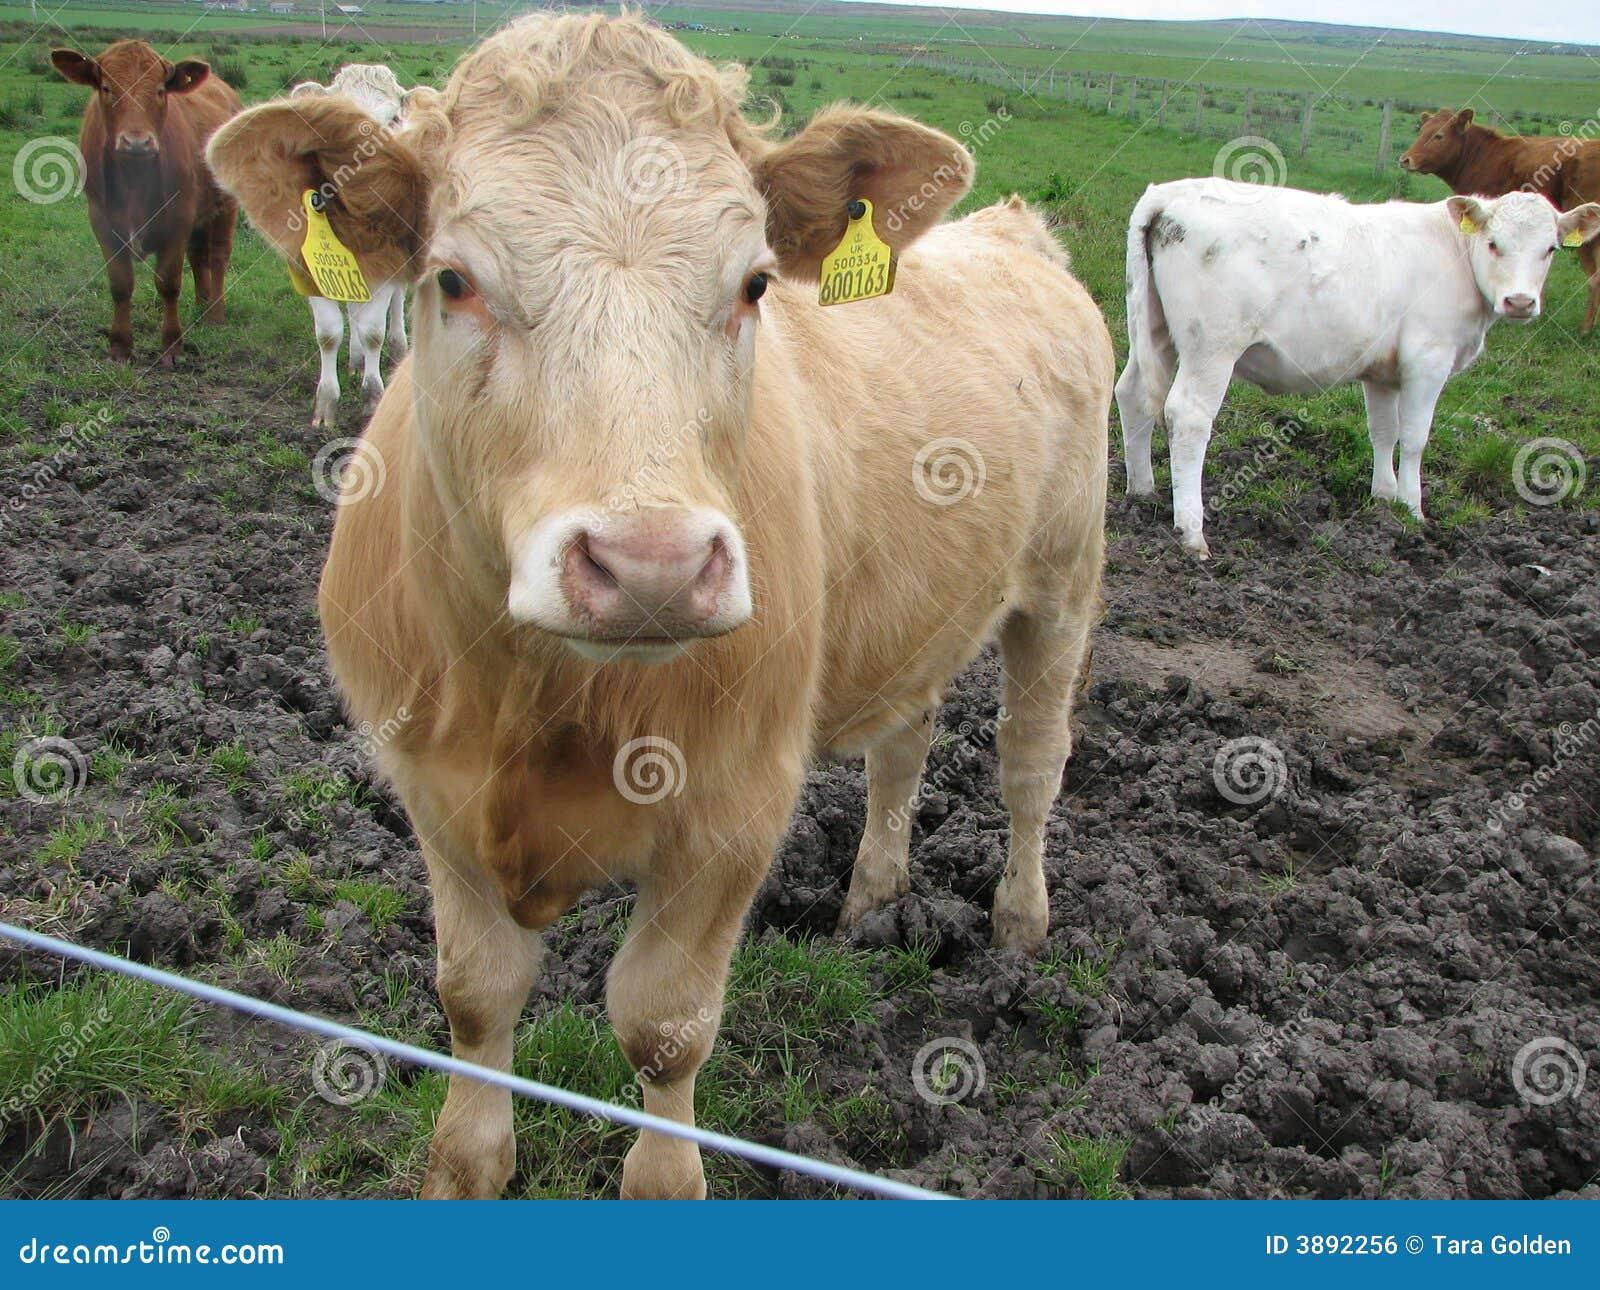 Mutli-colored Scottish cows